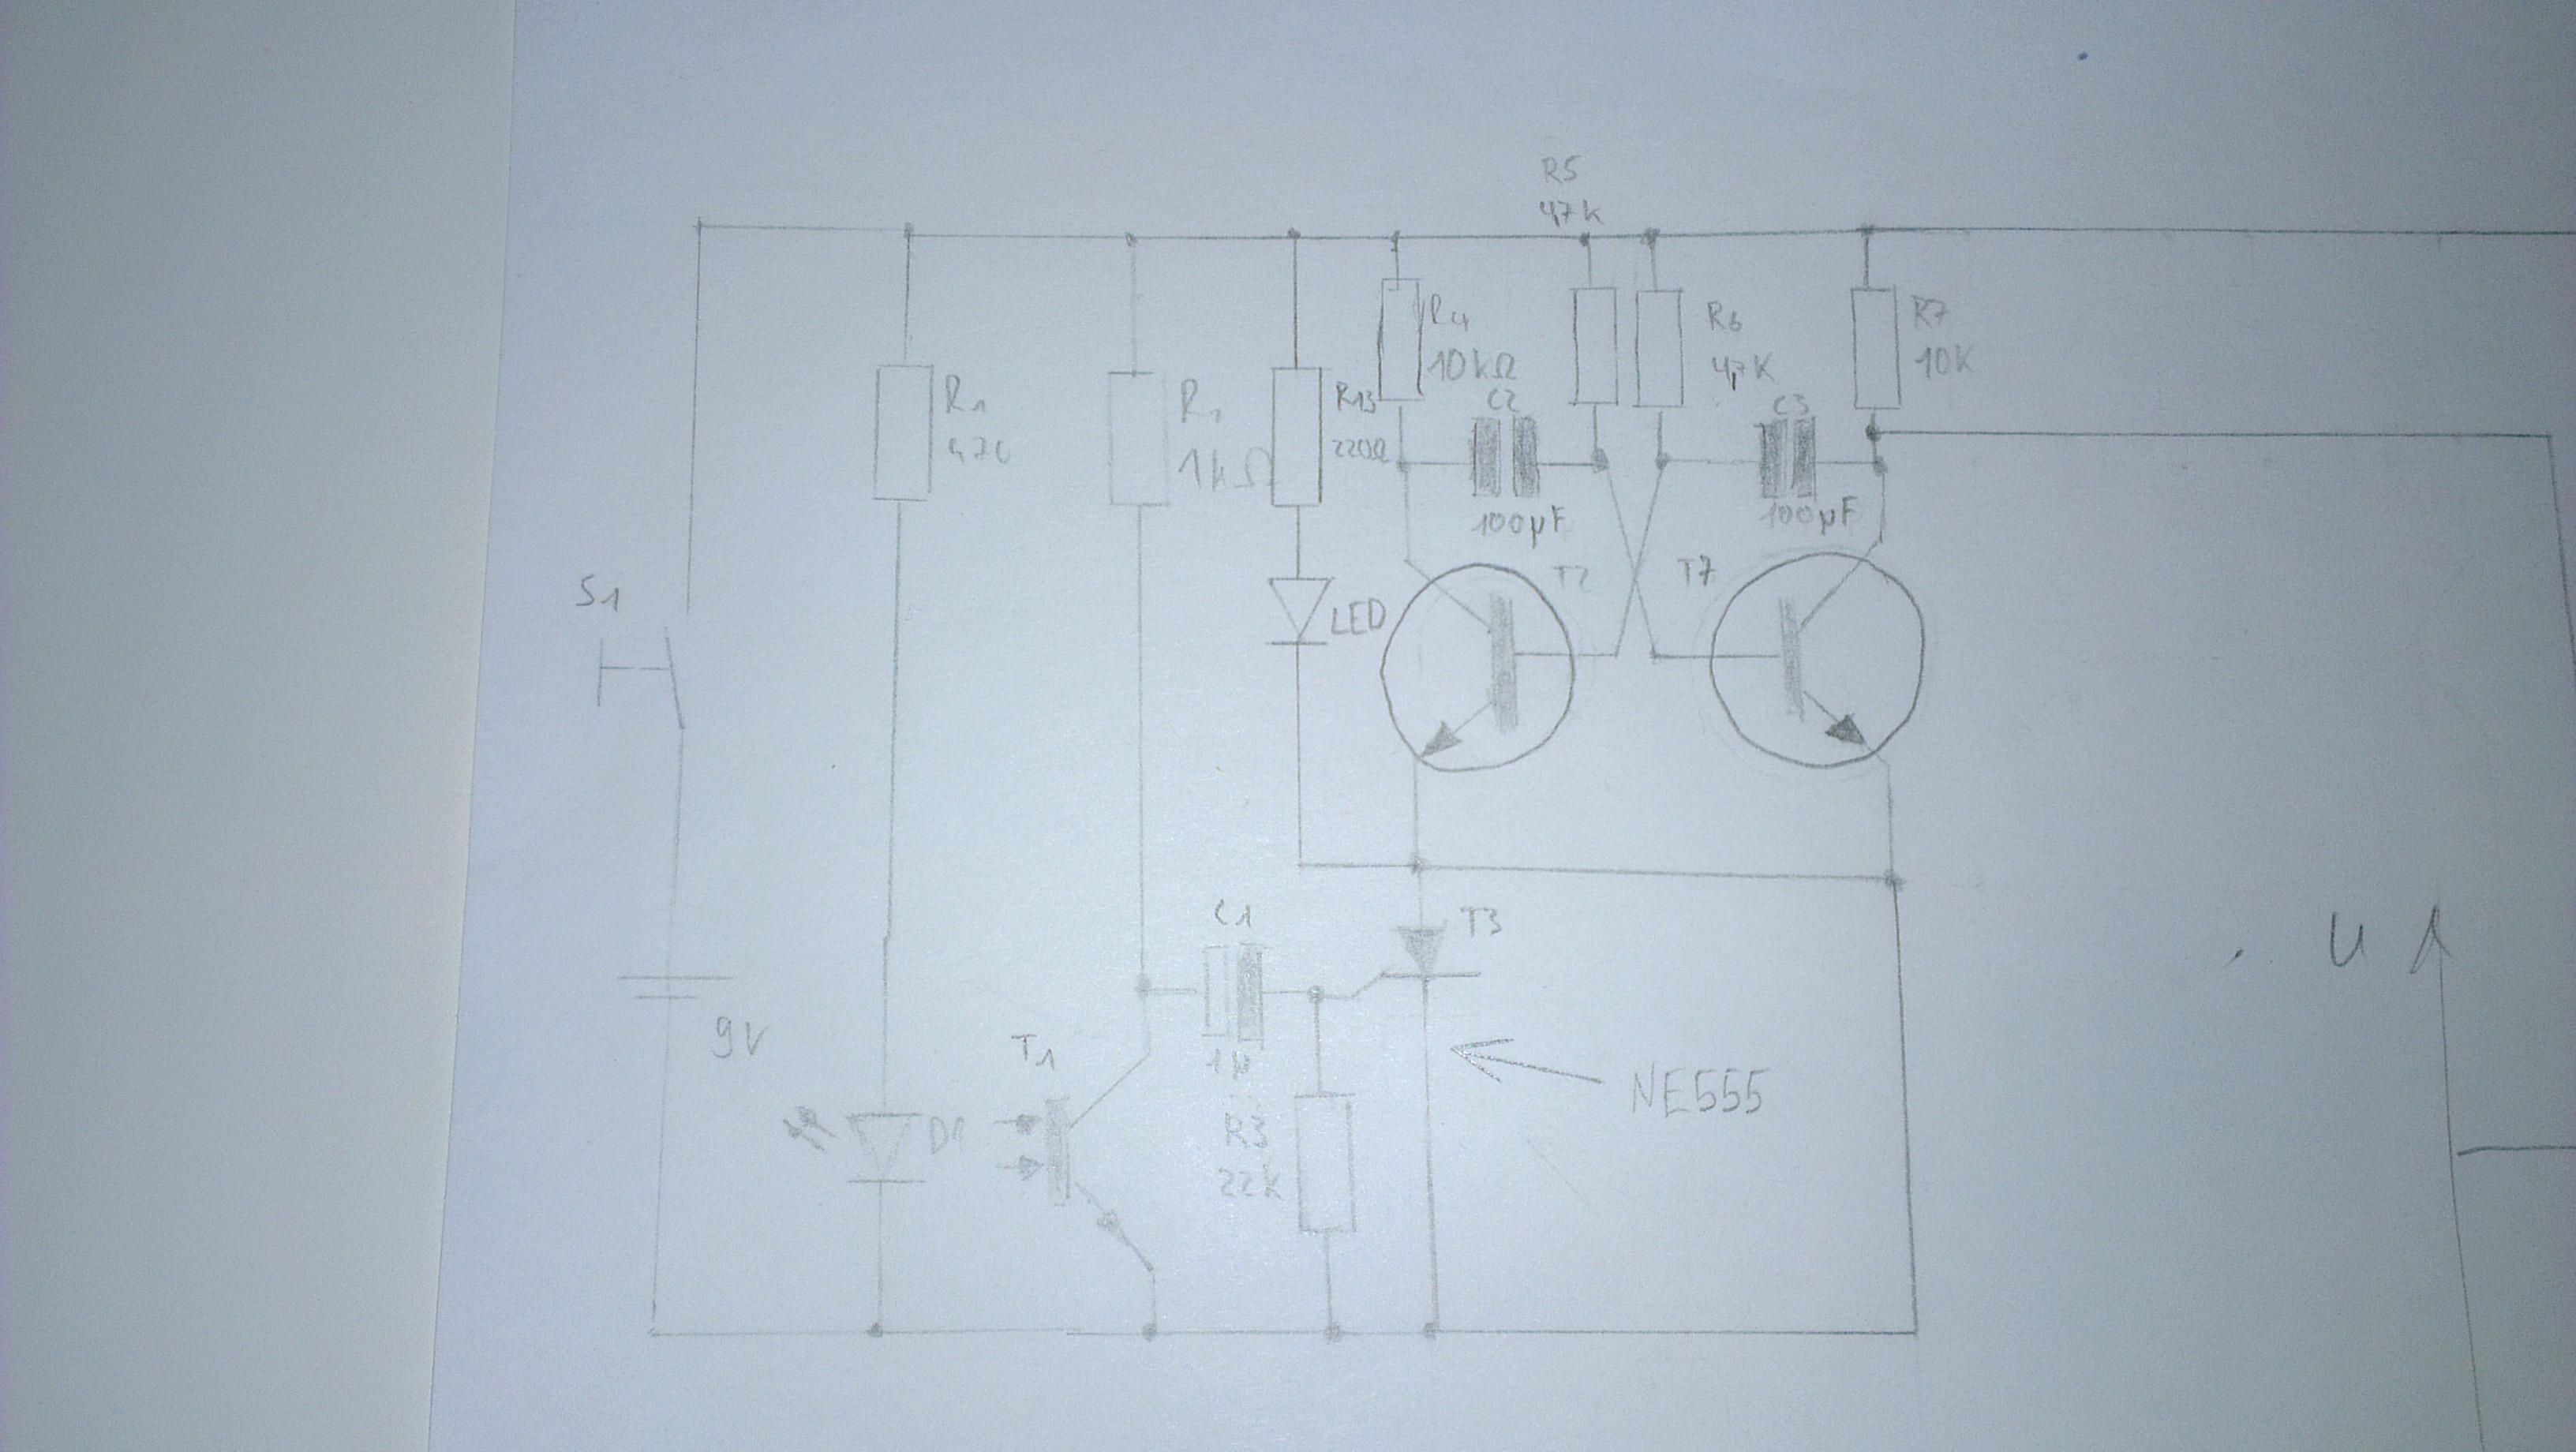 ne555 als timer f r eine alarmanlage einbauen schaltplan. Black Bedroom Furniture Sets. Home Design Ideas